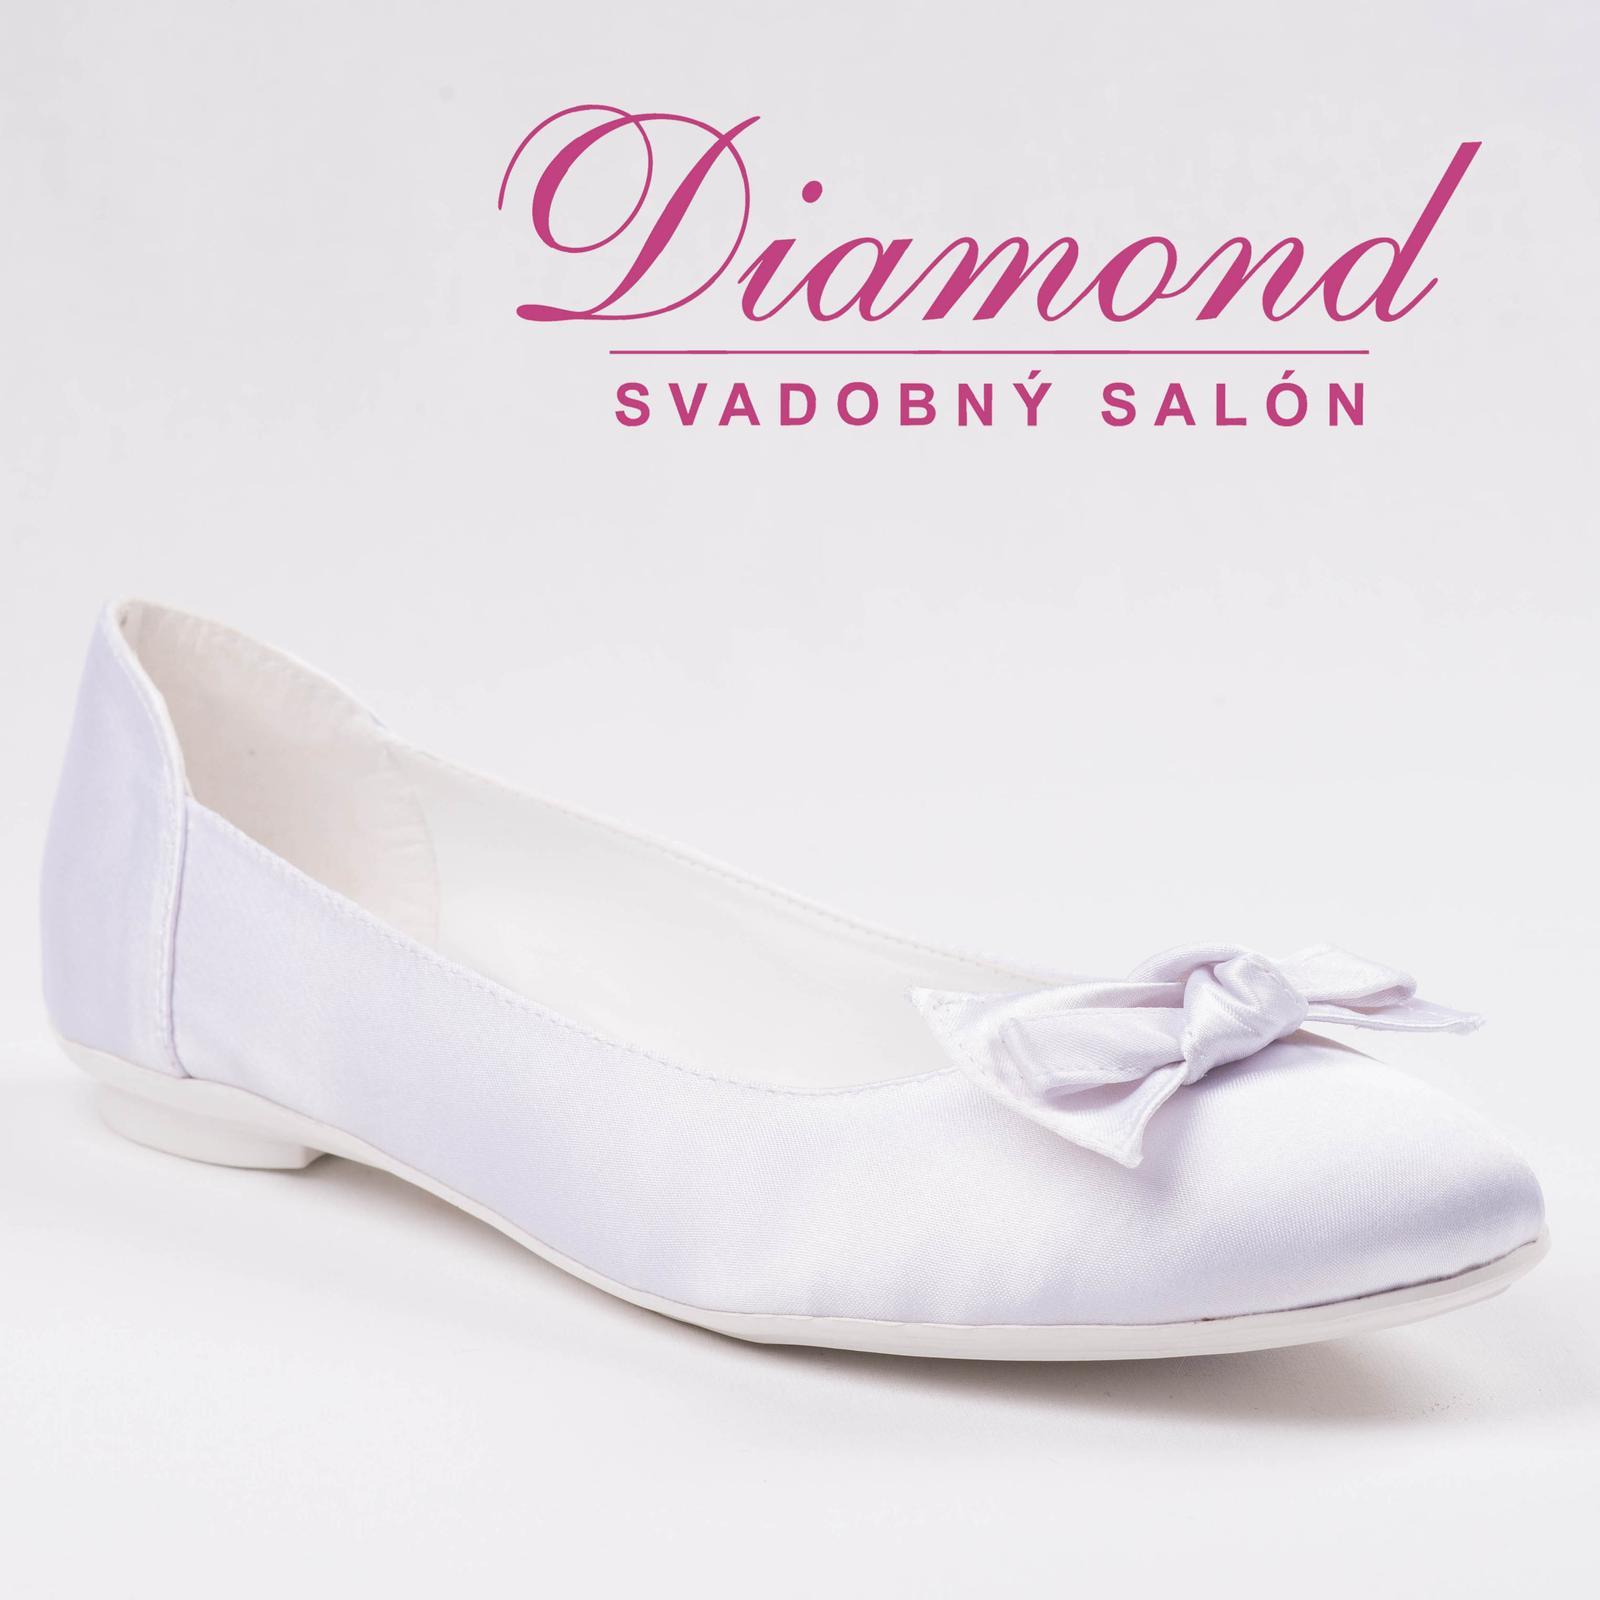 Svadobné topánky Gift - P215 - Obrázok č. 1